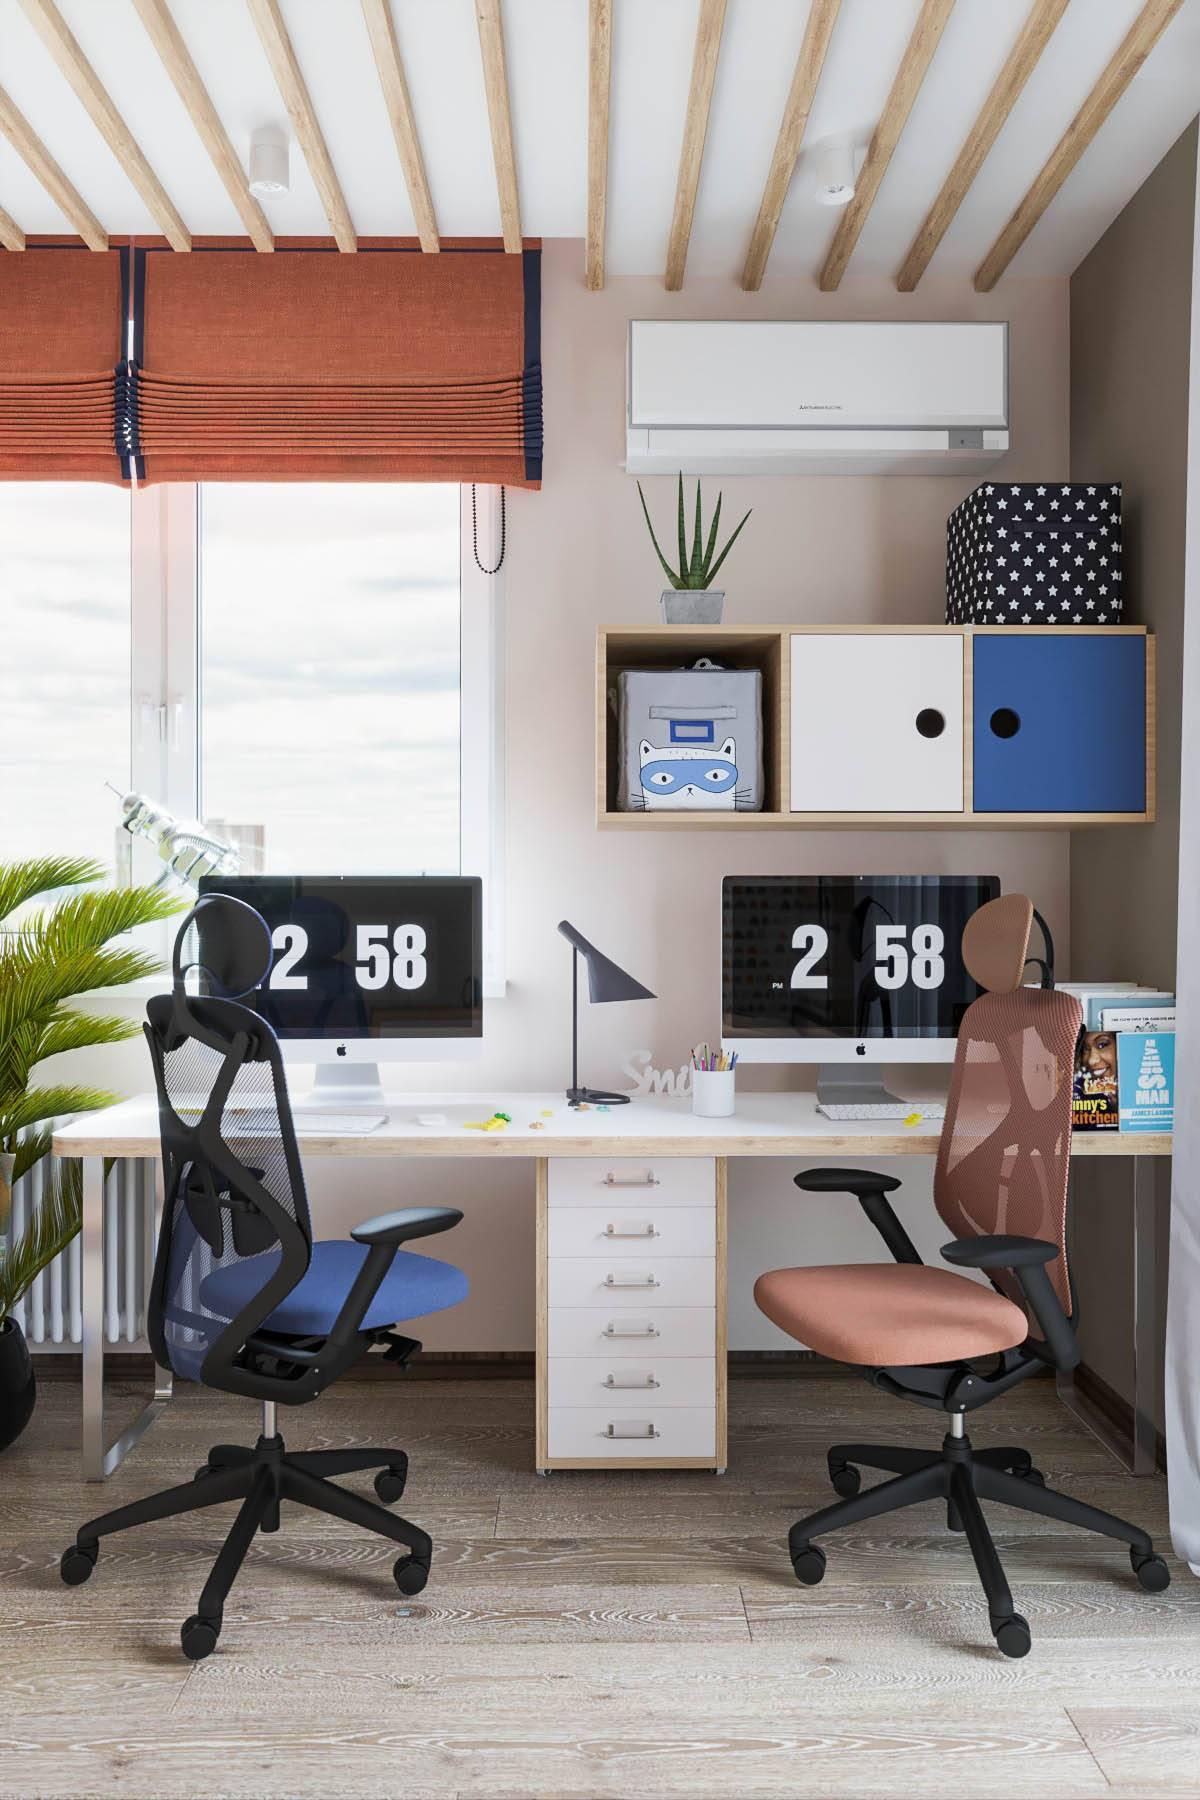 Как обустроить рабочее место? 58 фото дизайн интерьера, как организовать рабочее пространство в доме и квартире, как правильно оформить и украсить